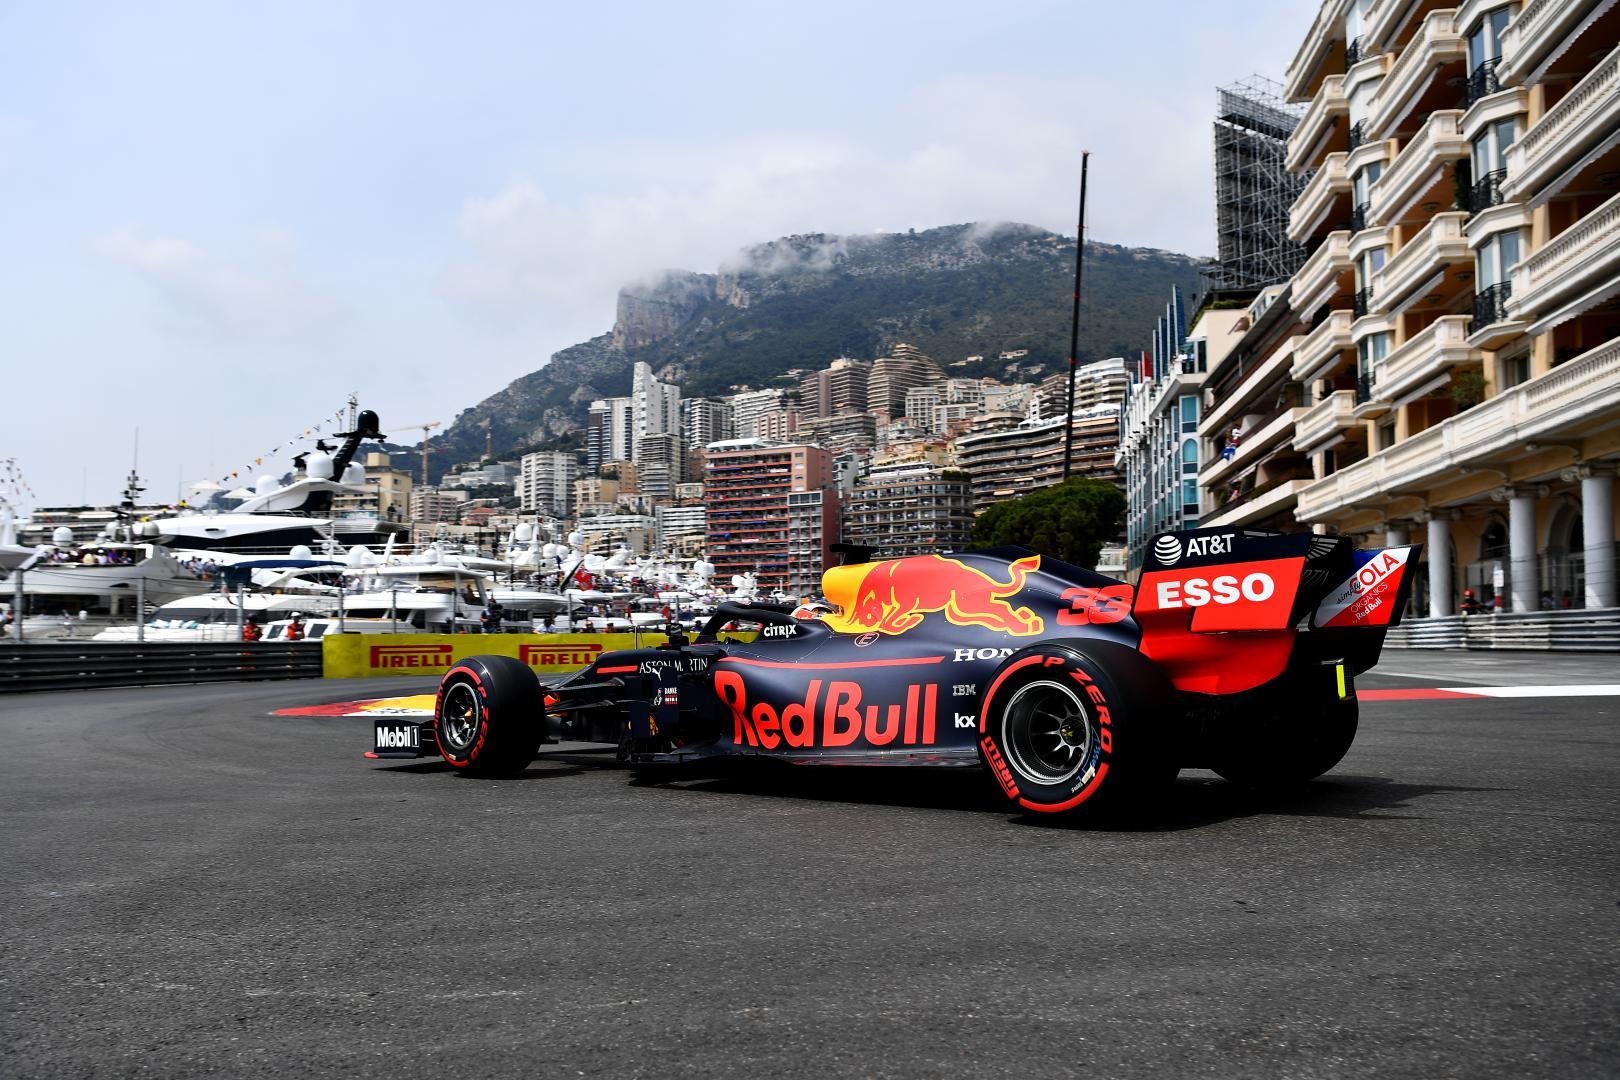 Kwalificatie van de GP van Monaco 2019